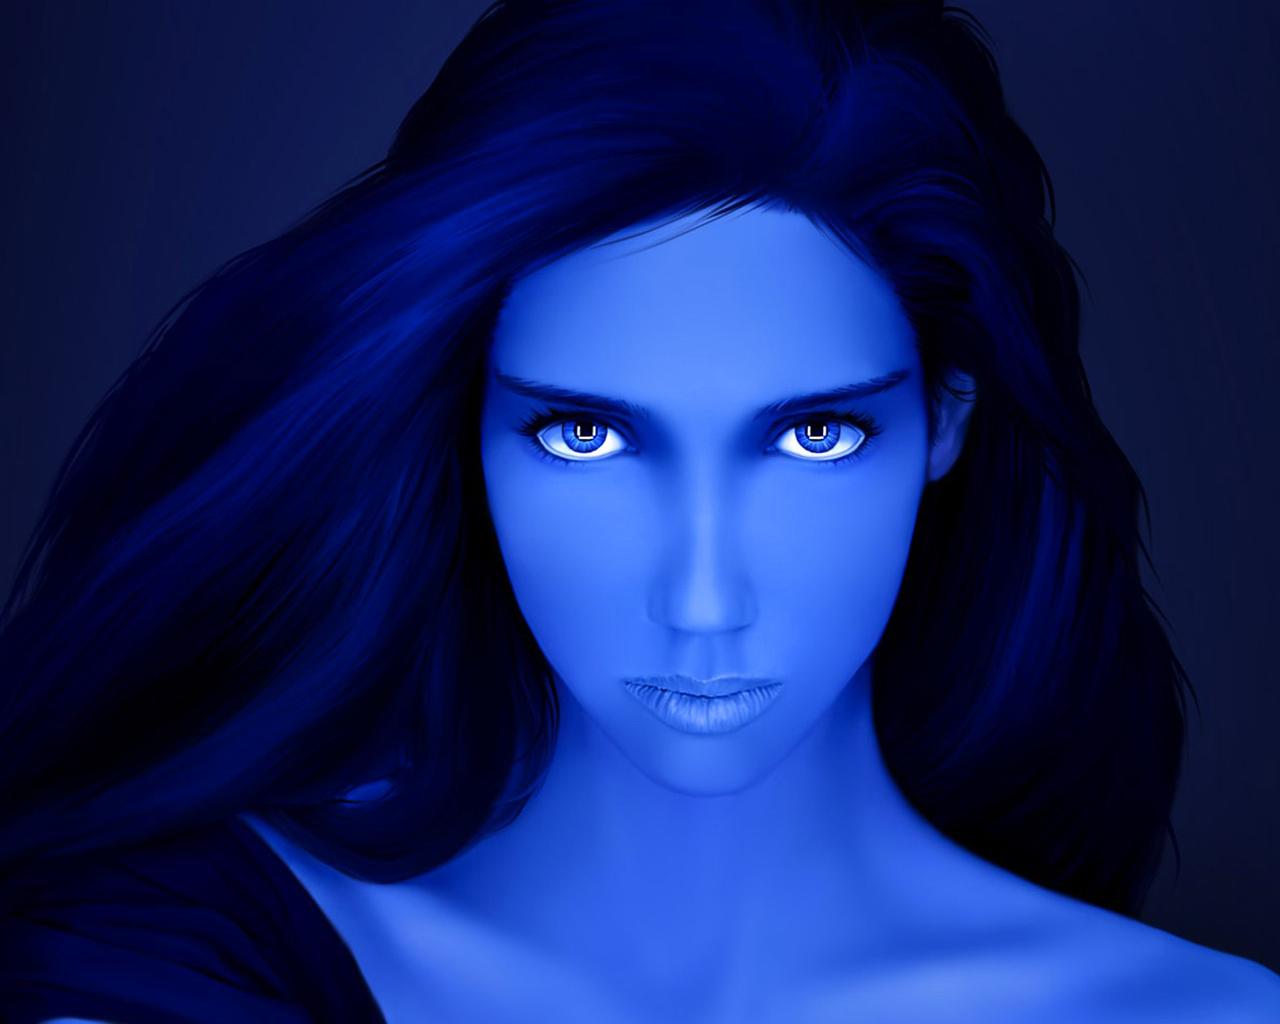 artistic-blue-girl-4k.jpg